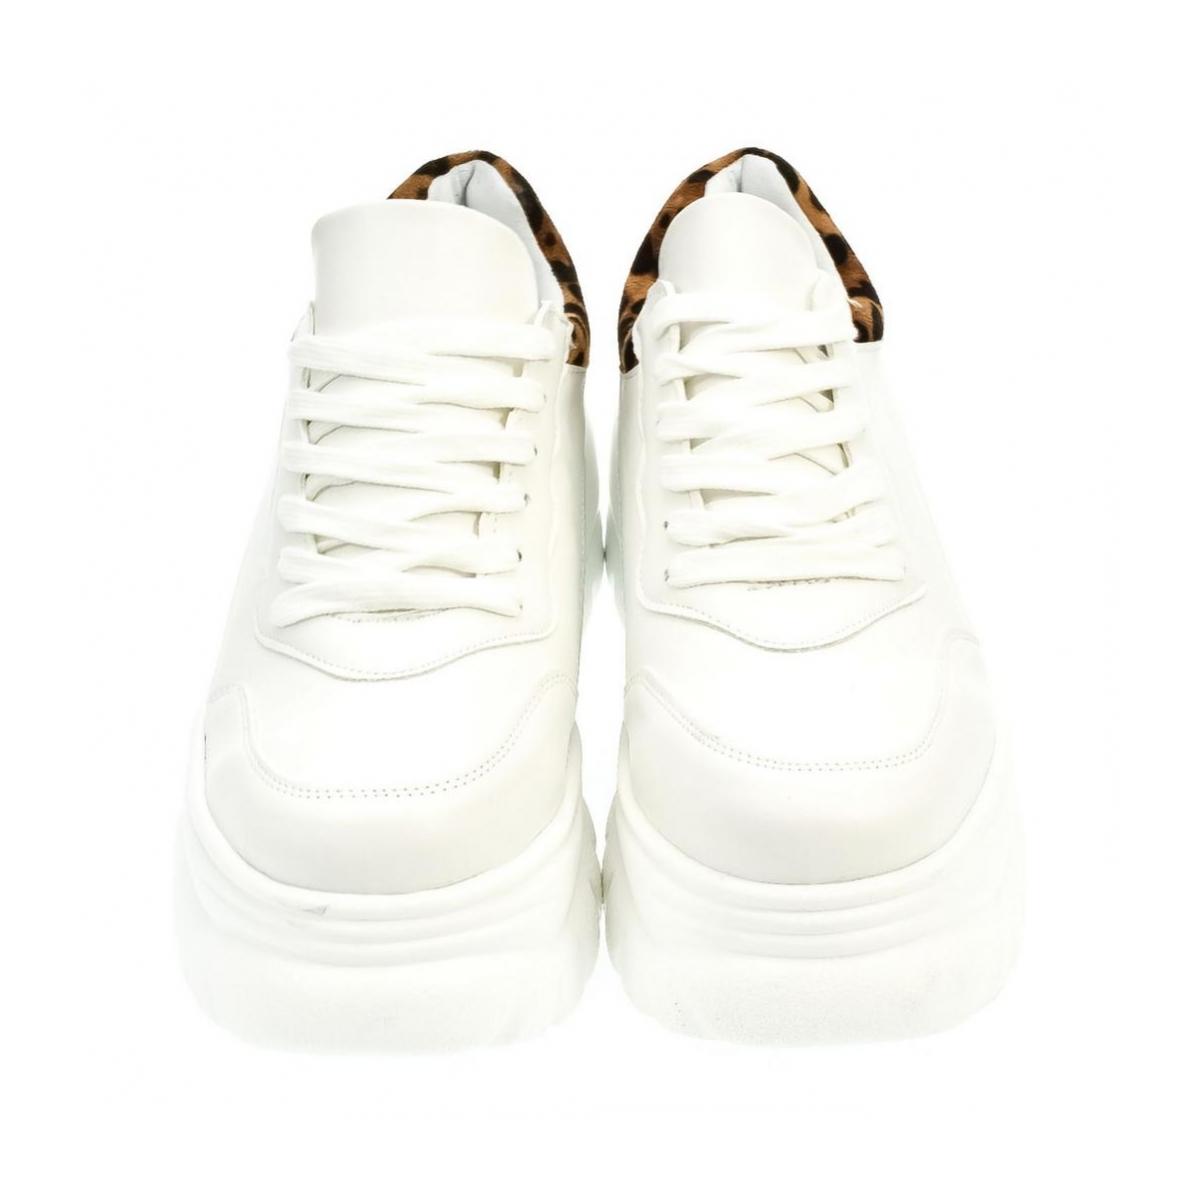 Dámske biele tenisky TRIBI - 2 0c1c606f58c